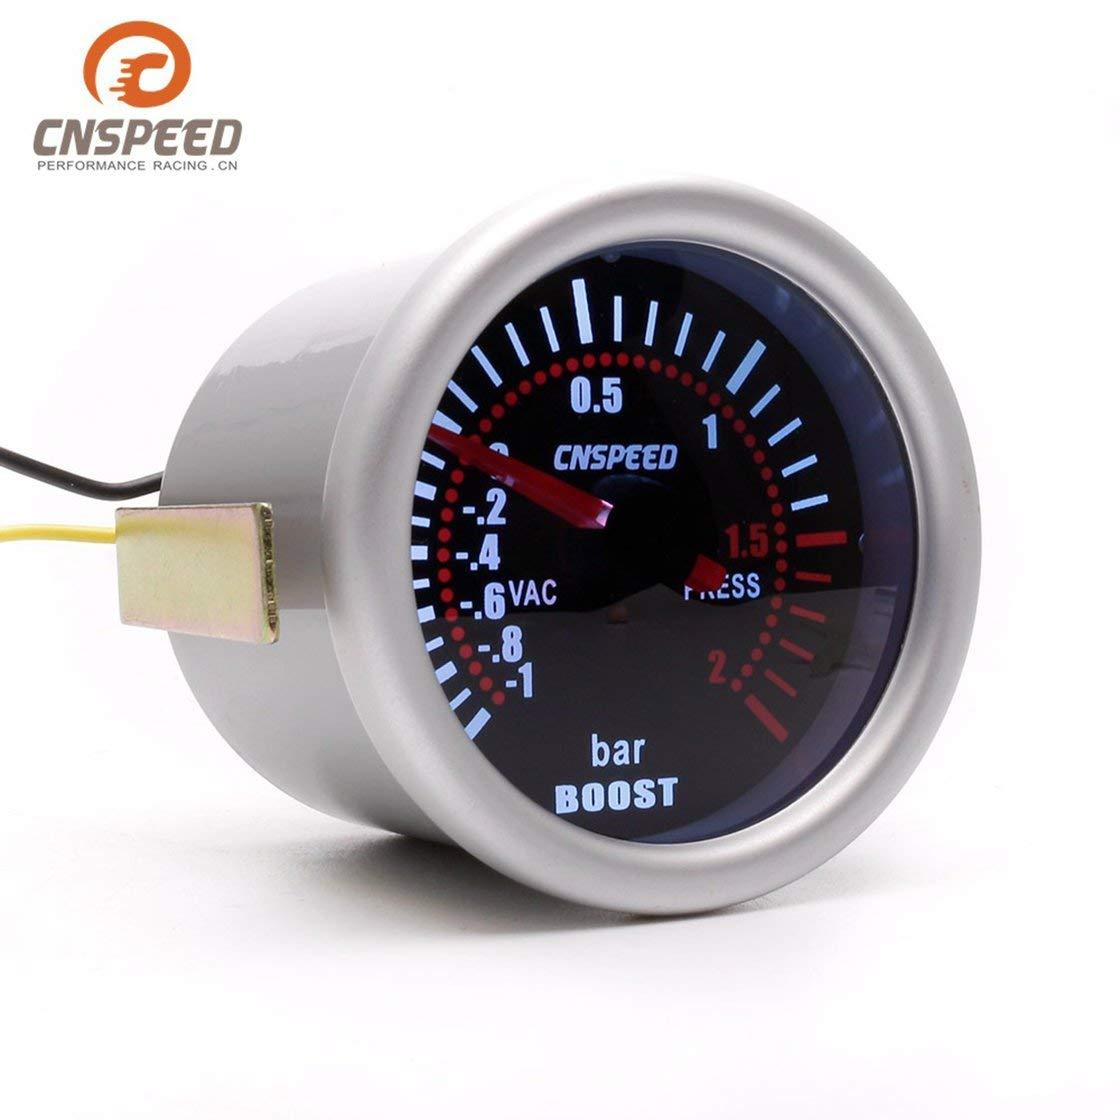 CNSPEED YC101310 Digital Universal 52mm Turbo Boost Vacío para Coche -1~2 BAR Manómetro Presión Manómetro Indicador Medidor de Humo Len LED: Amazon.es: ...